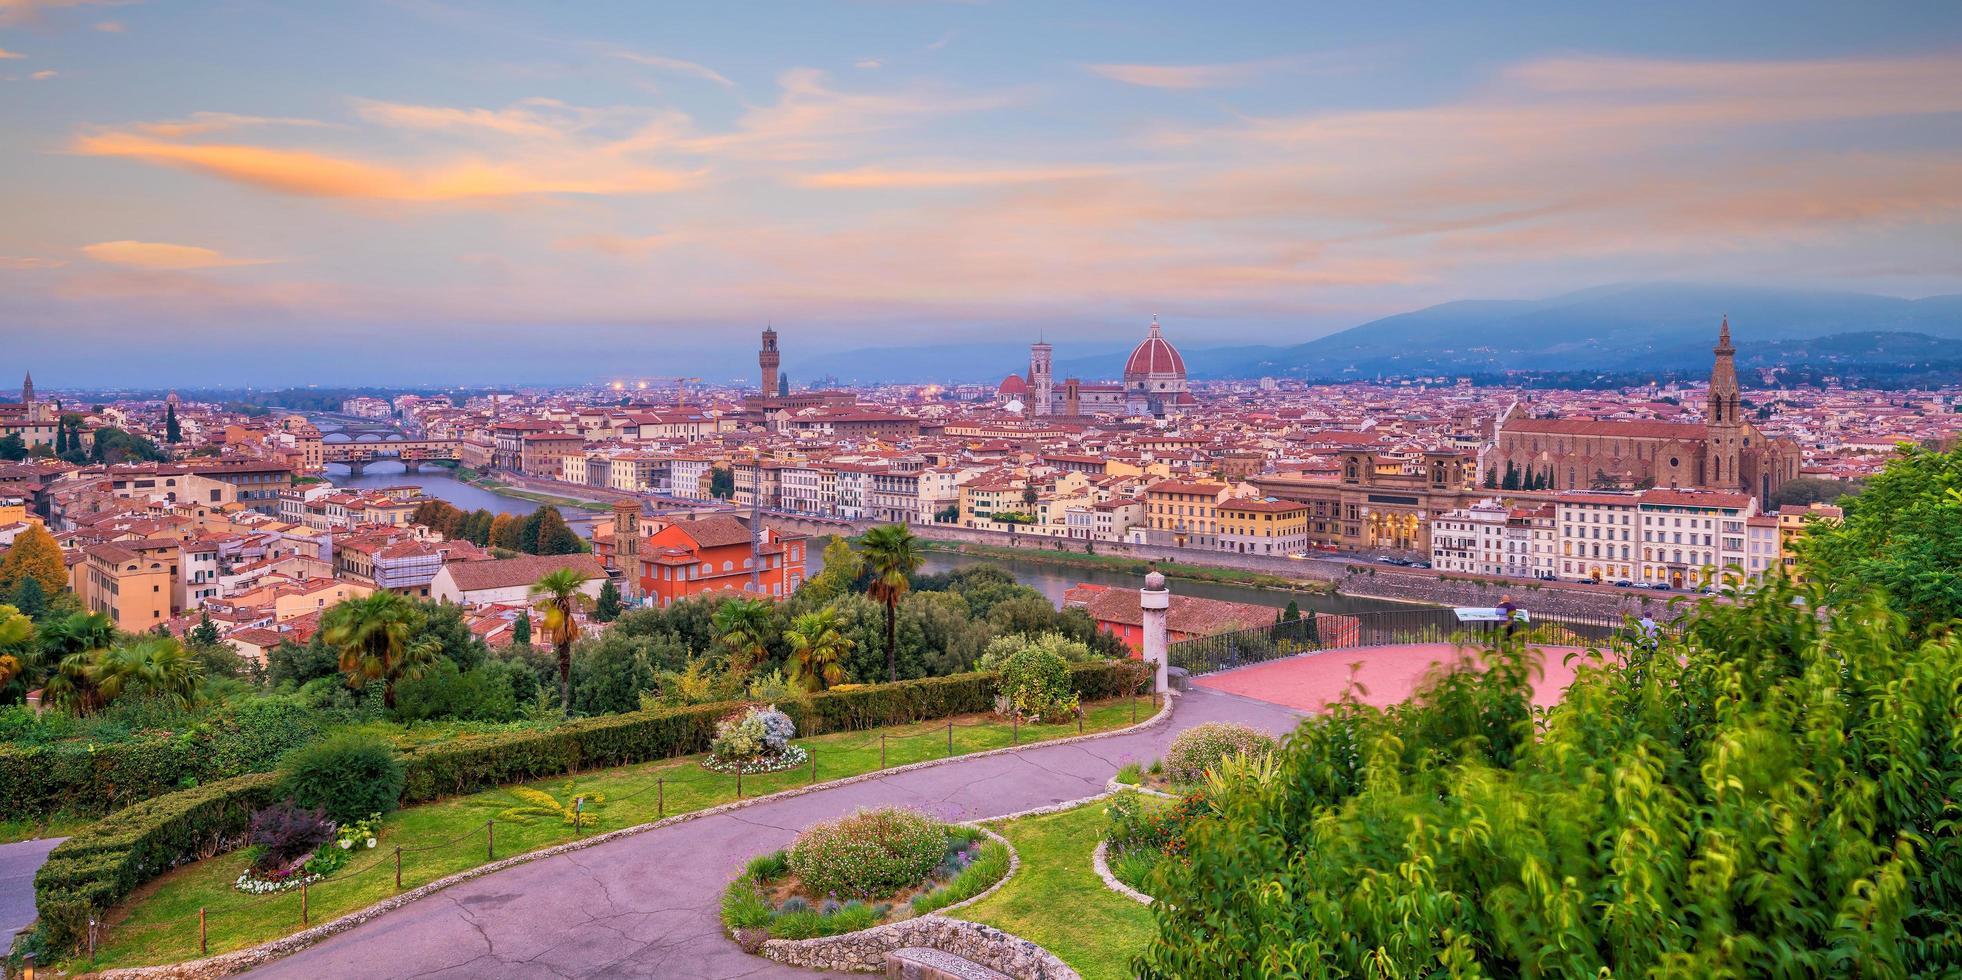 Vista del horizonte de la ciudad de Florencia desde la vista superior al atardecer foto